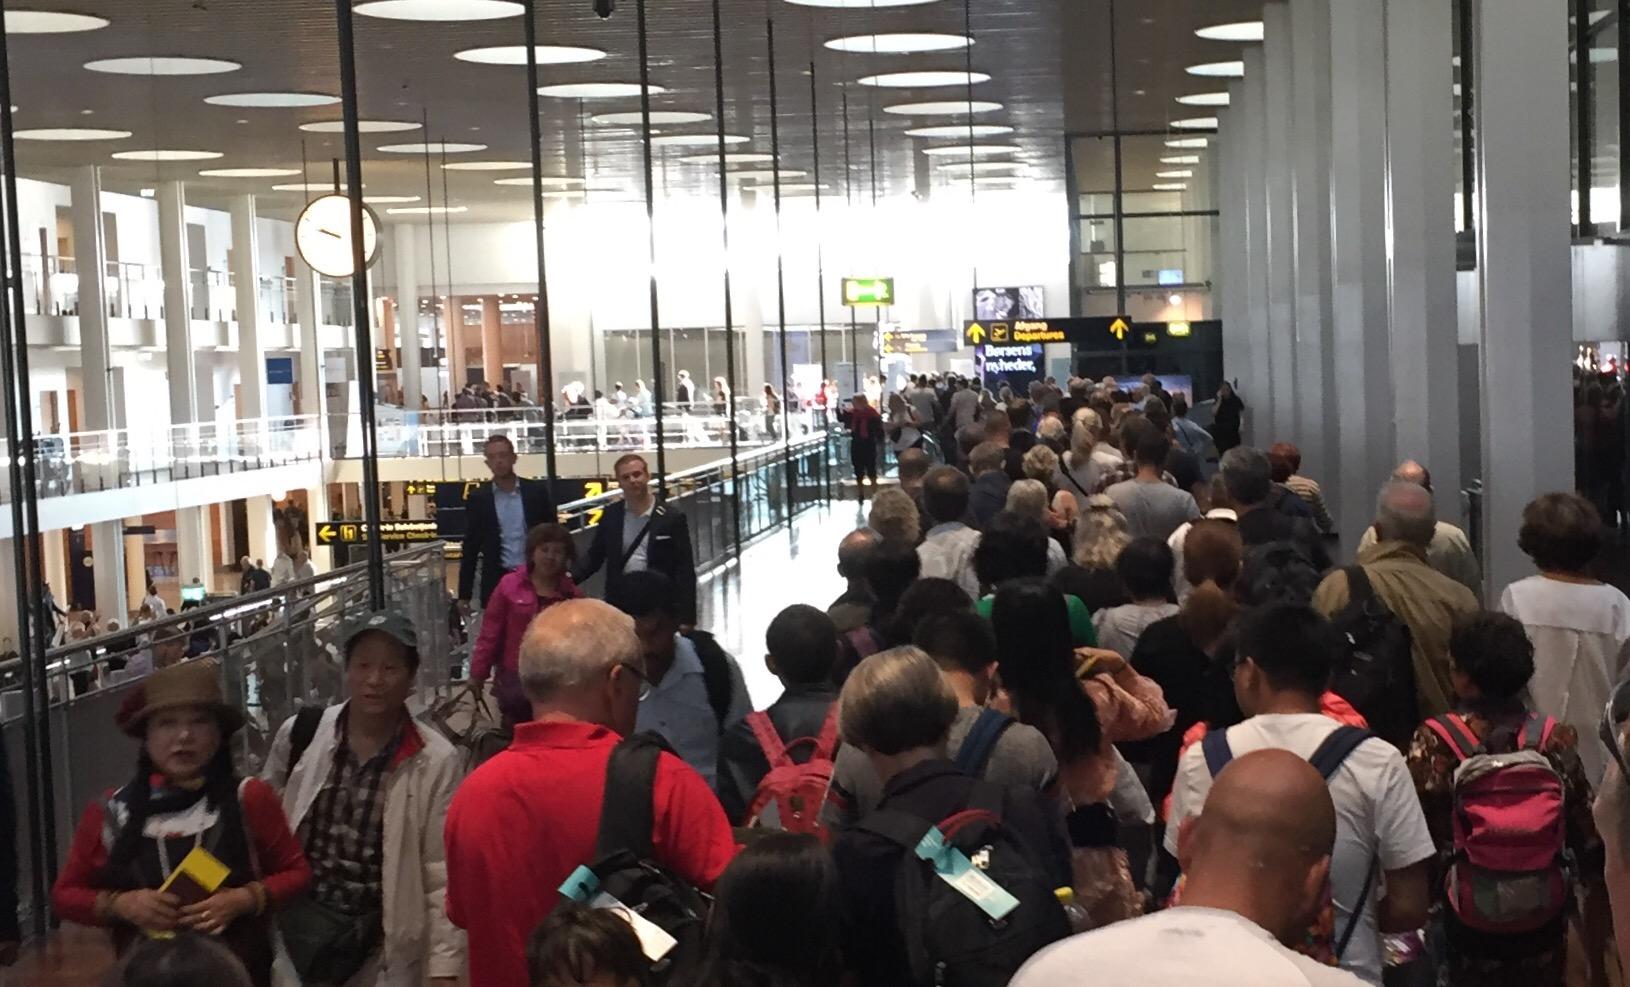 Kø i Københavns Lufthavns Terminal 2 hen mod sikkerhedskontrollen. (Foto: Andreas Krog=